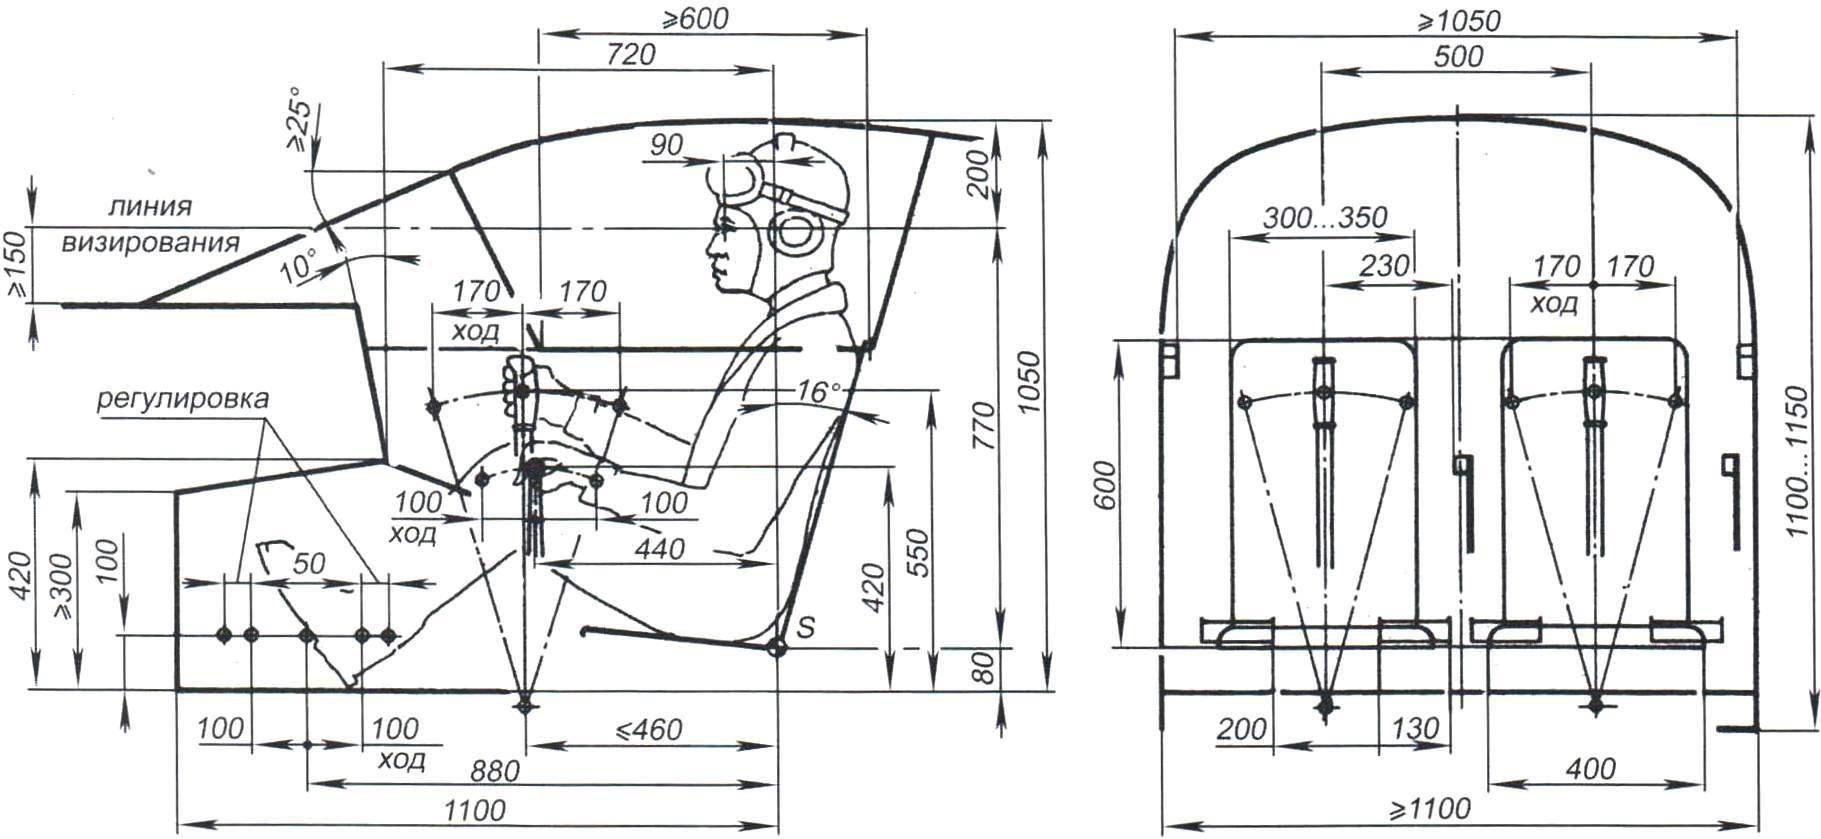 Рекомендуемые размеры кабины двухместного самолёта с «автомобильным» расположением членов экипажа